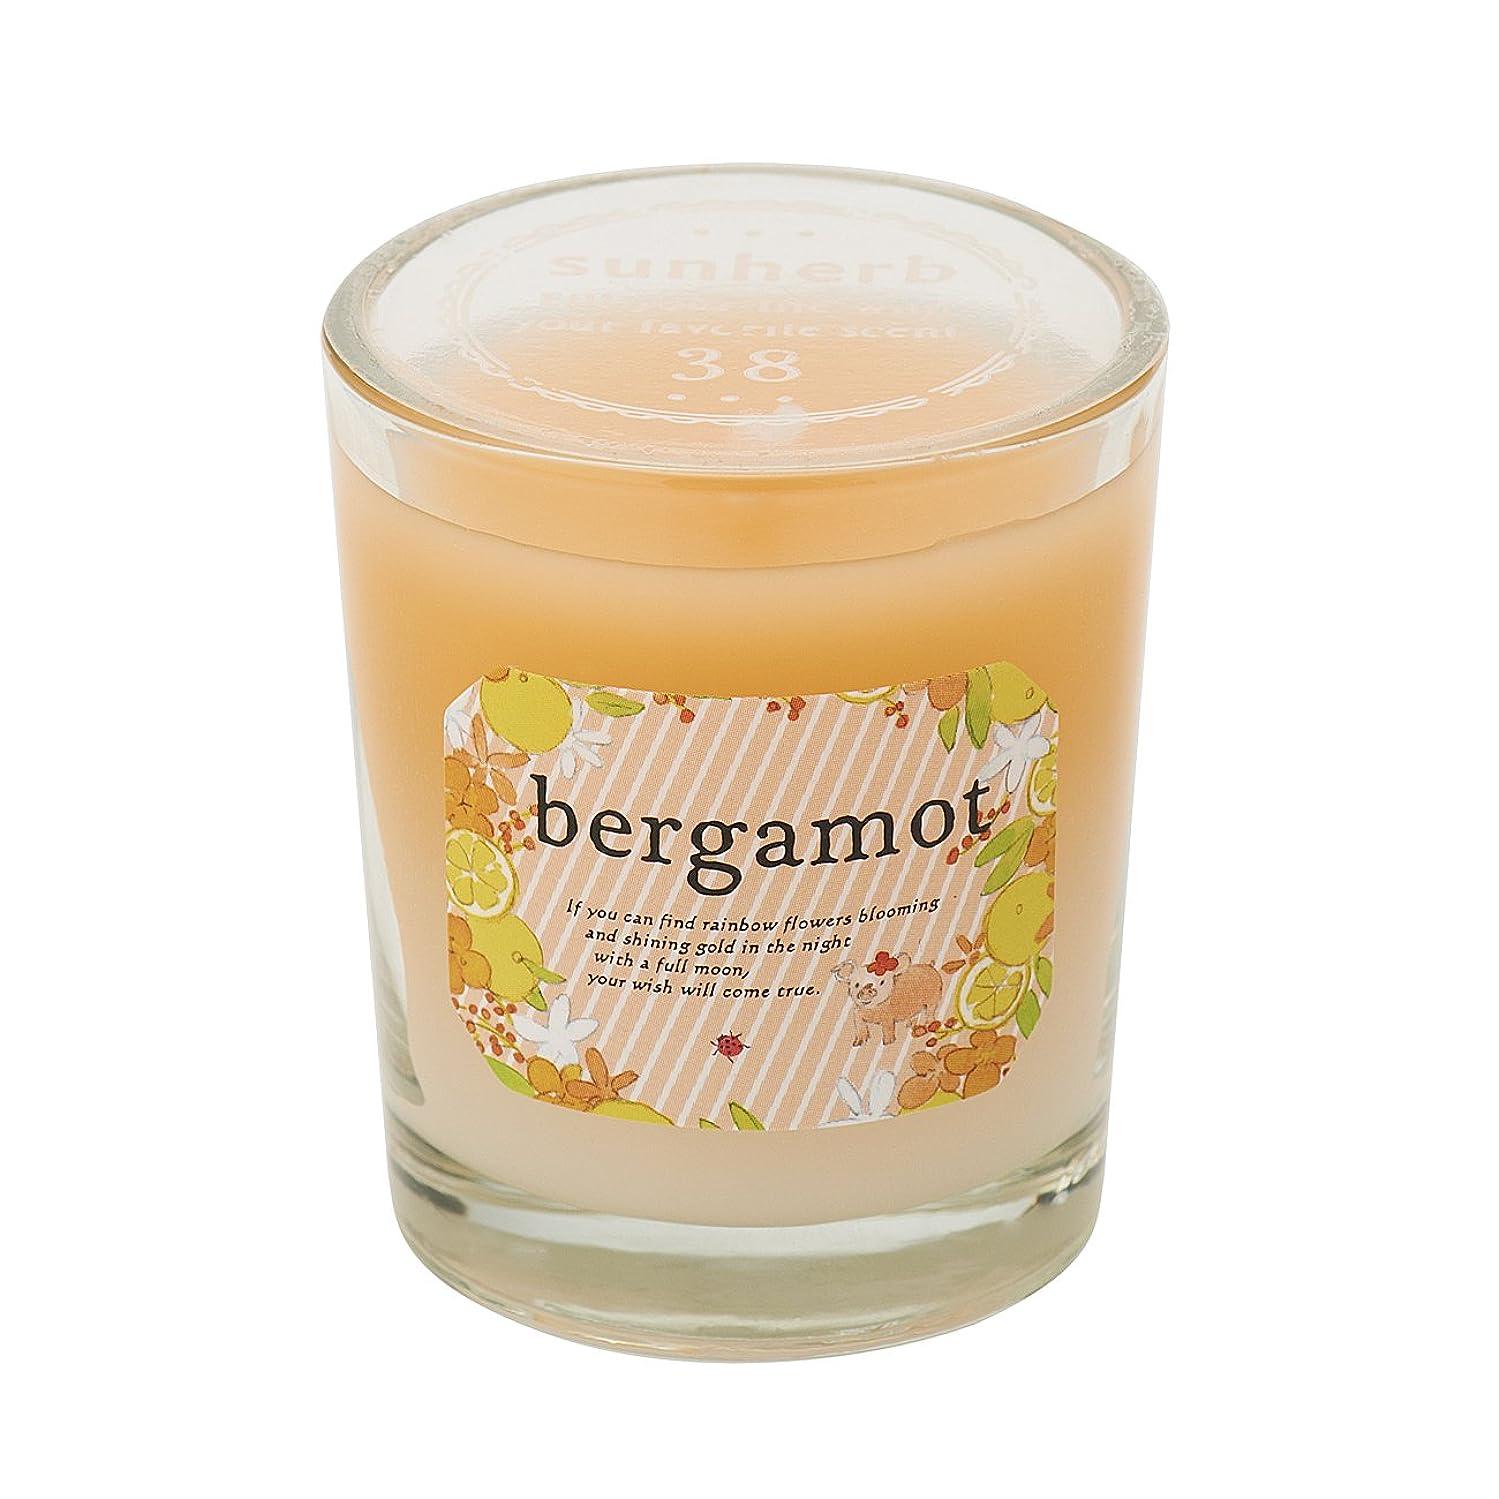 アルネウィンクチャンバーサンハーブ グラスキャンドル ベルガモット 35g(グラデーションろうそく 燃焼時間約10時間 懐かしい甘酸っぱい香り)